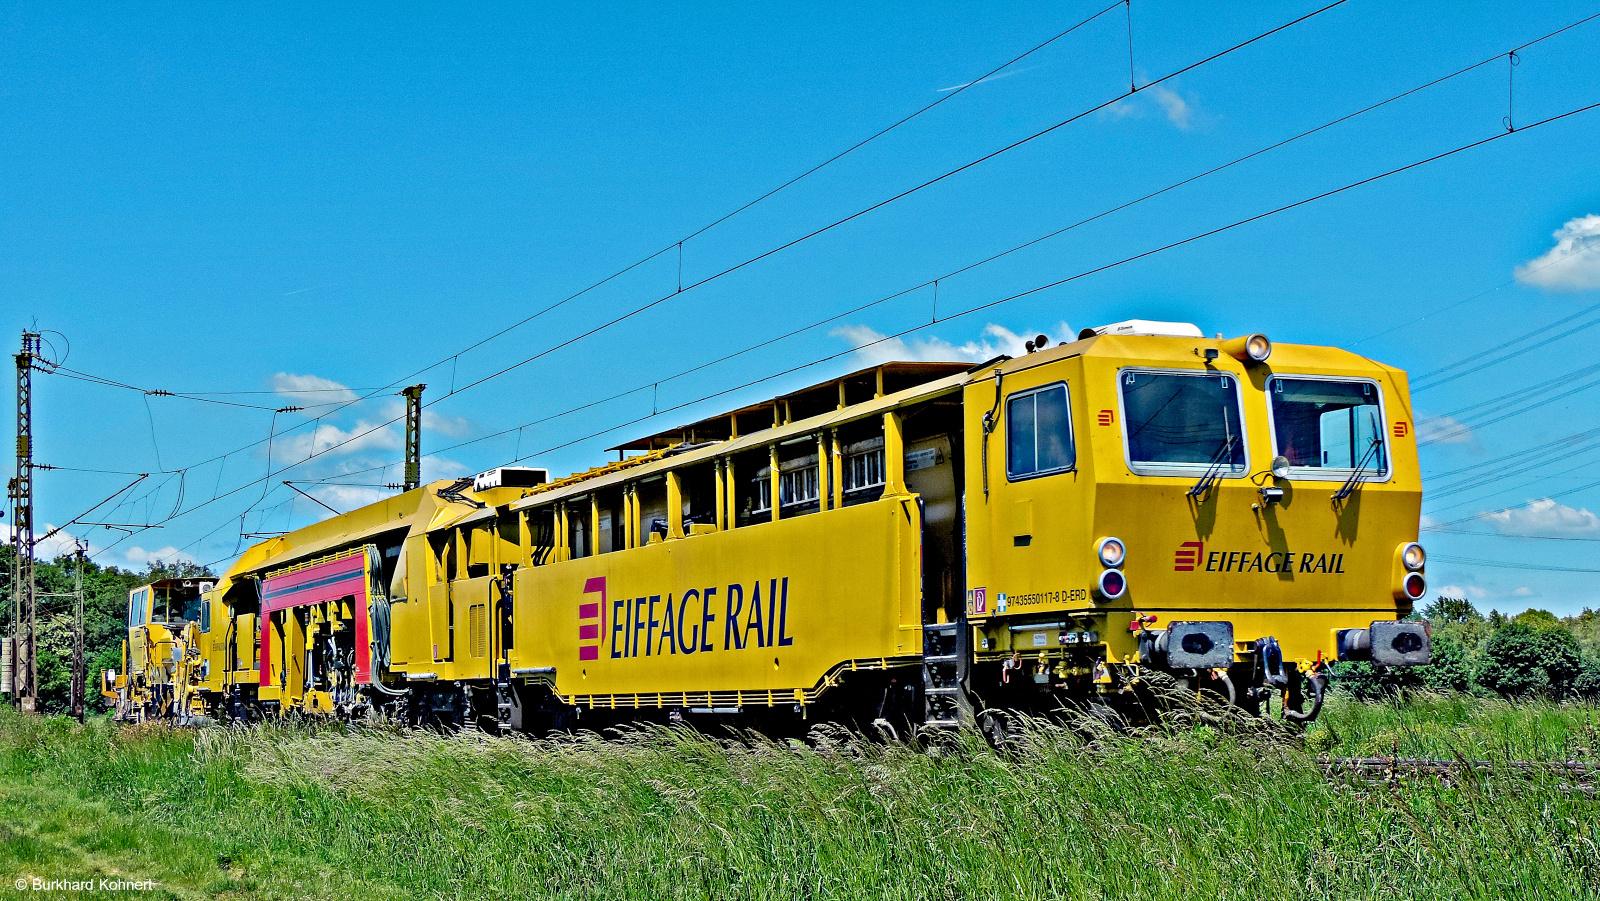 EIFFAGE RAIL Schienensonderfahrzeug - Mainz-Bischofsheim und Nauheim - 16.05.2014